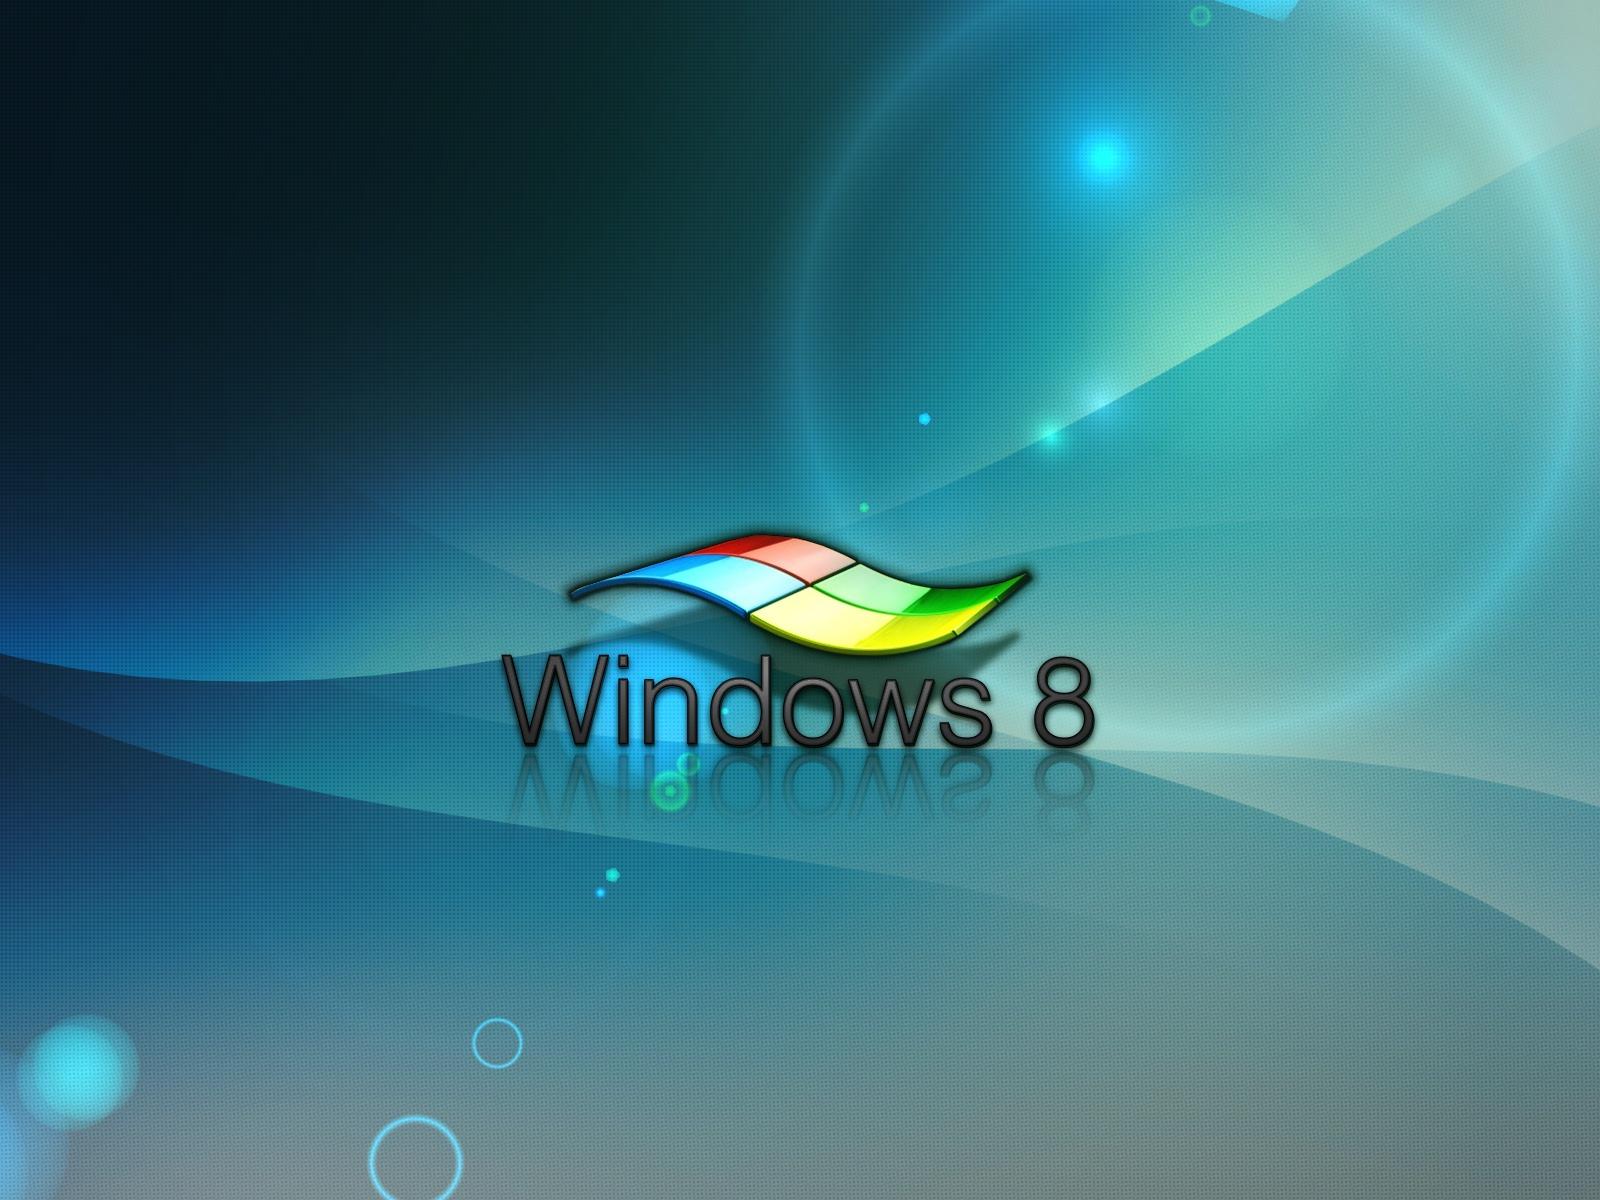 Hintergrundbilder beschreibung 3d effekte von windows 8